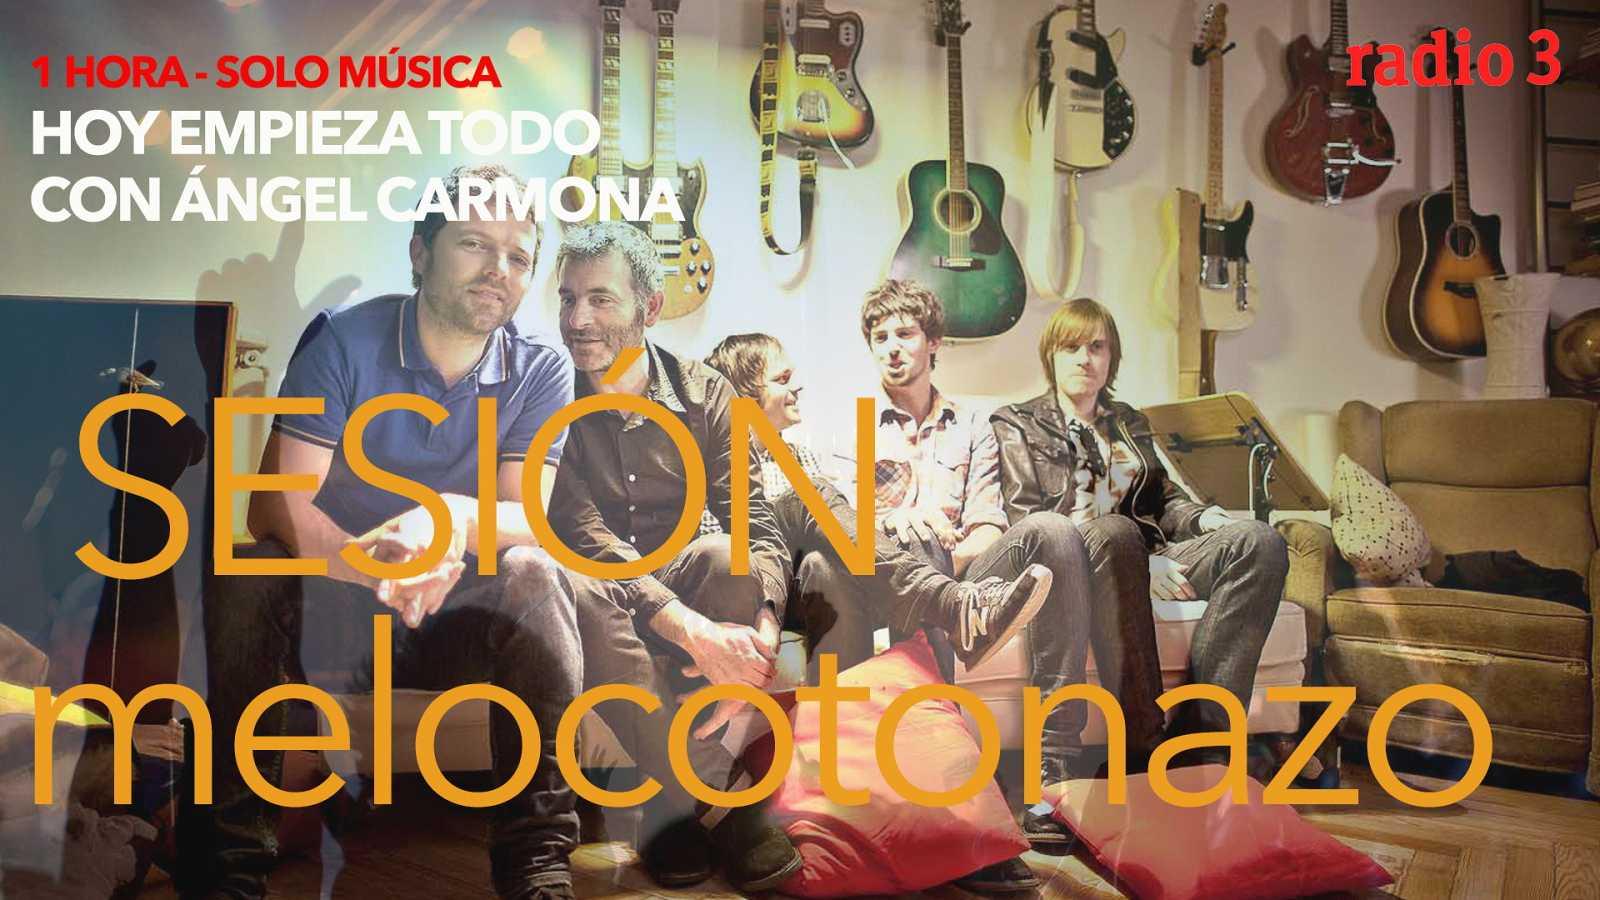 Hoy empieza todo con Ángel Carmona - #SesiónMelocotonazo: Coldplay, La habitación roja, Rozalén... - 02/03/21 - escuchar ahora